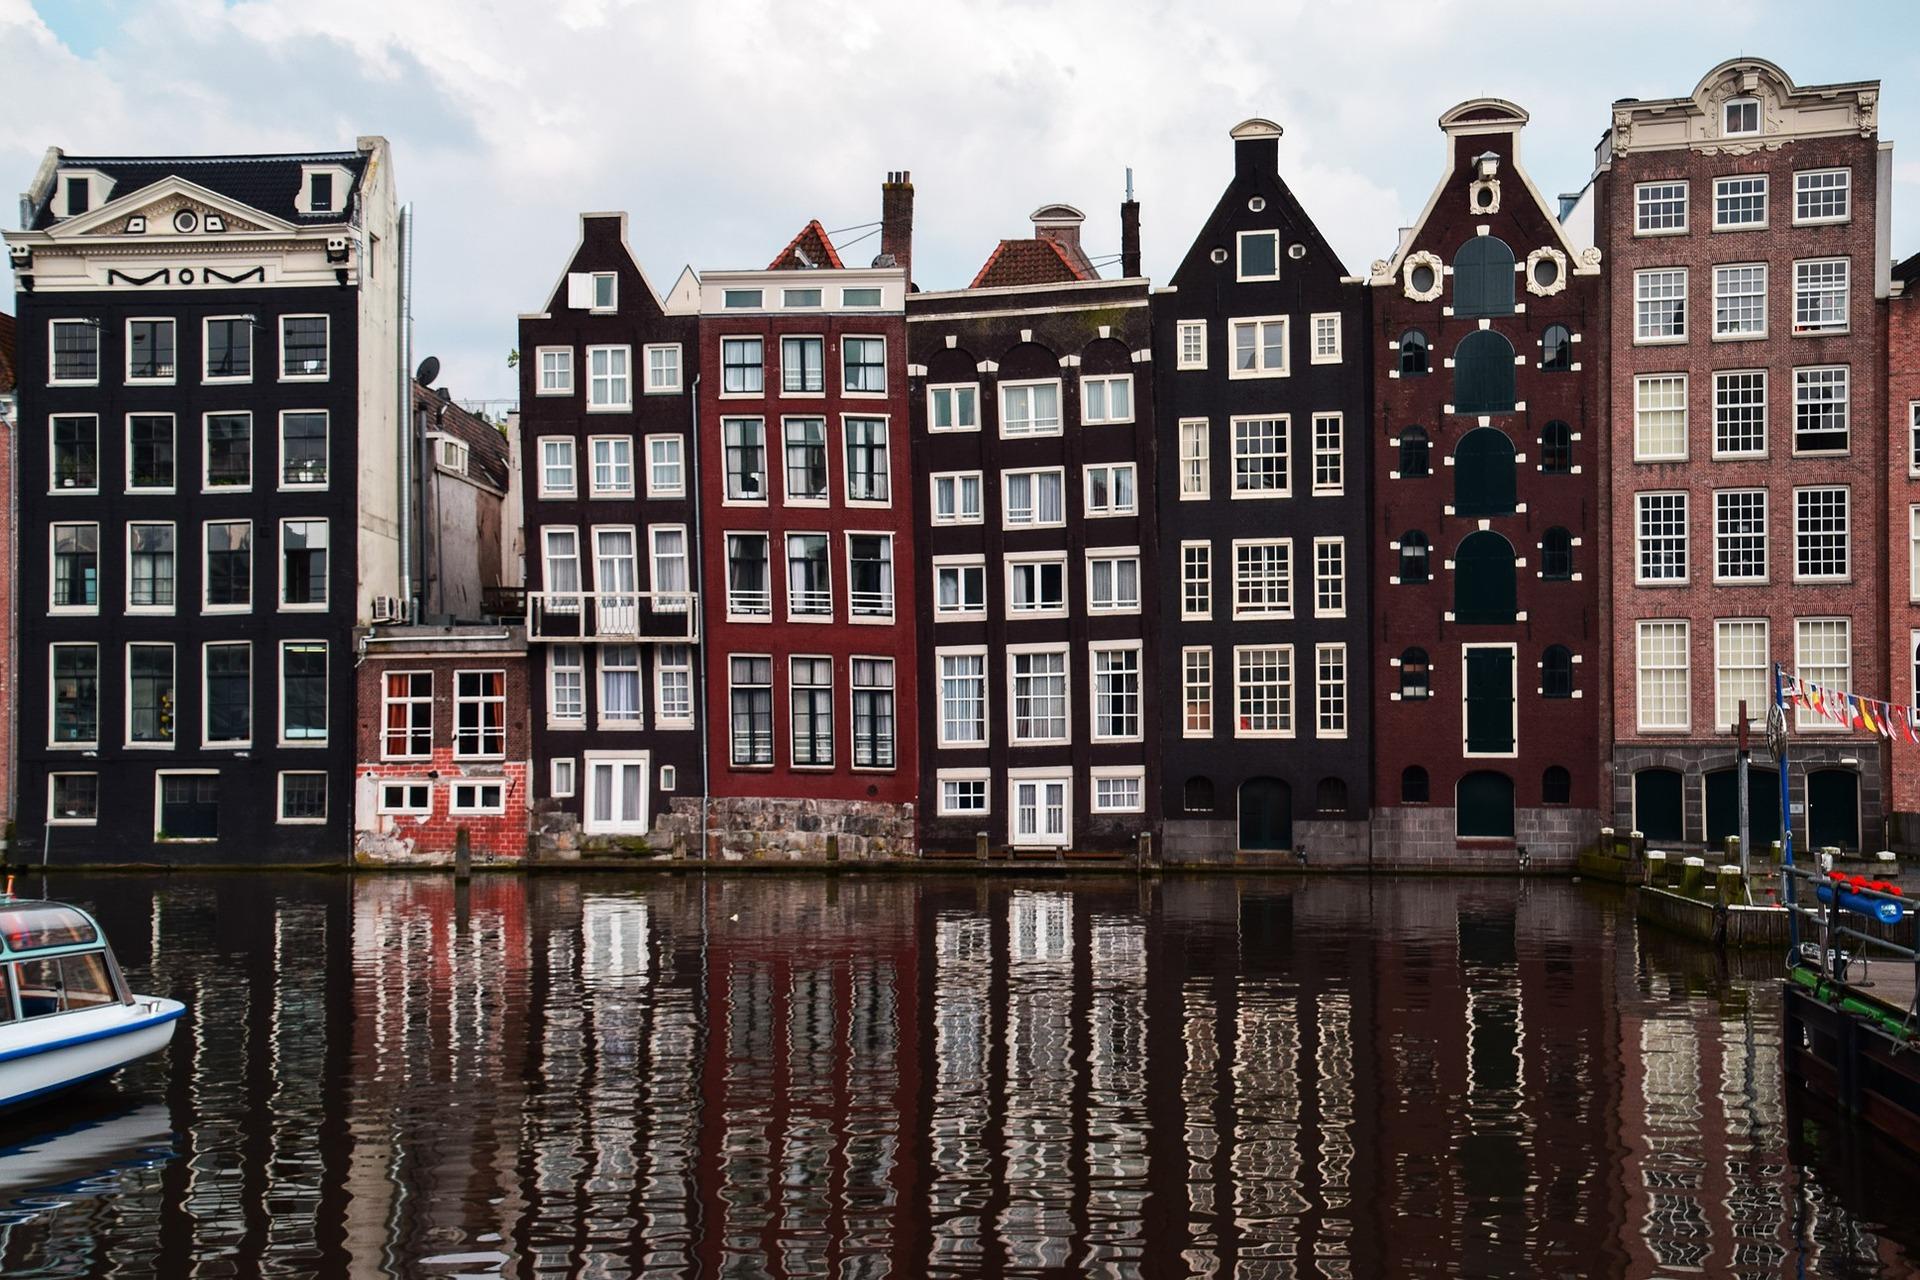 Die Architektur in Amsterdam ist wirklich bemerkenswert, es erinnert fast ein wenig an Venedig